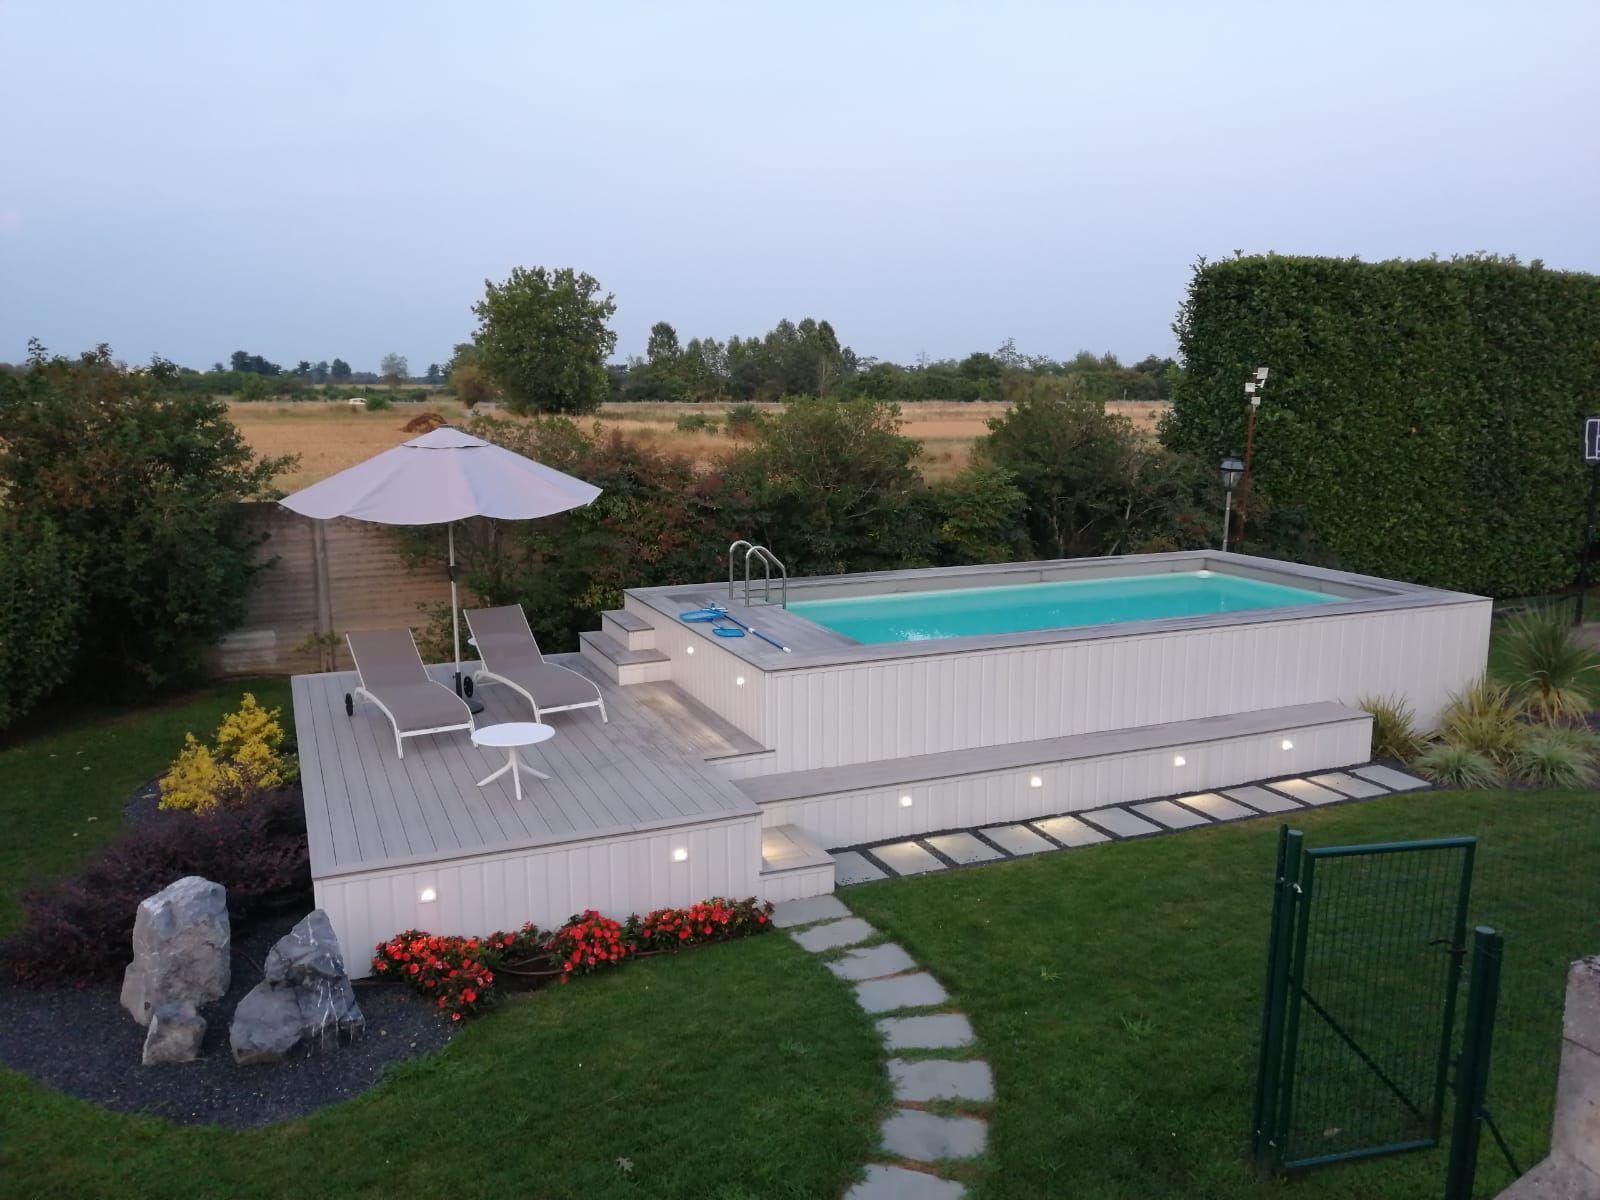 Piscine Da Esterno Rivestite In Legno piscina tutta personalizzata con solarium , rivestita in wpc